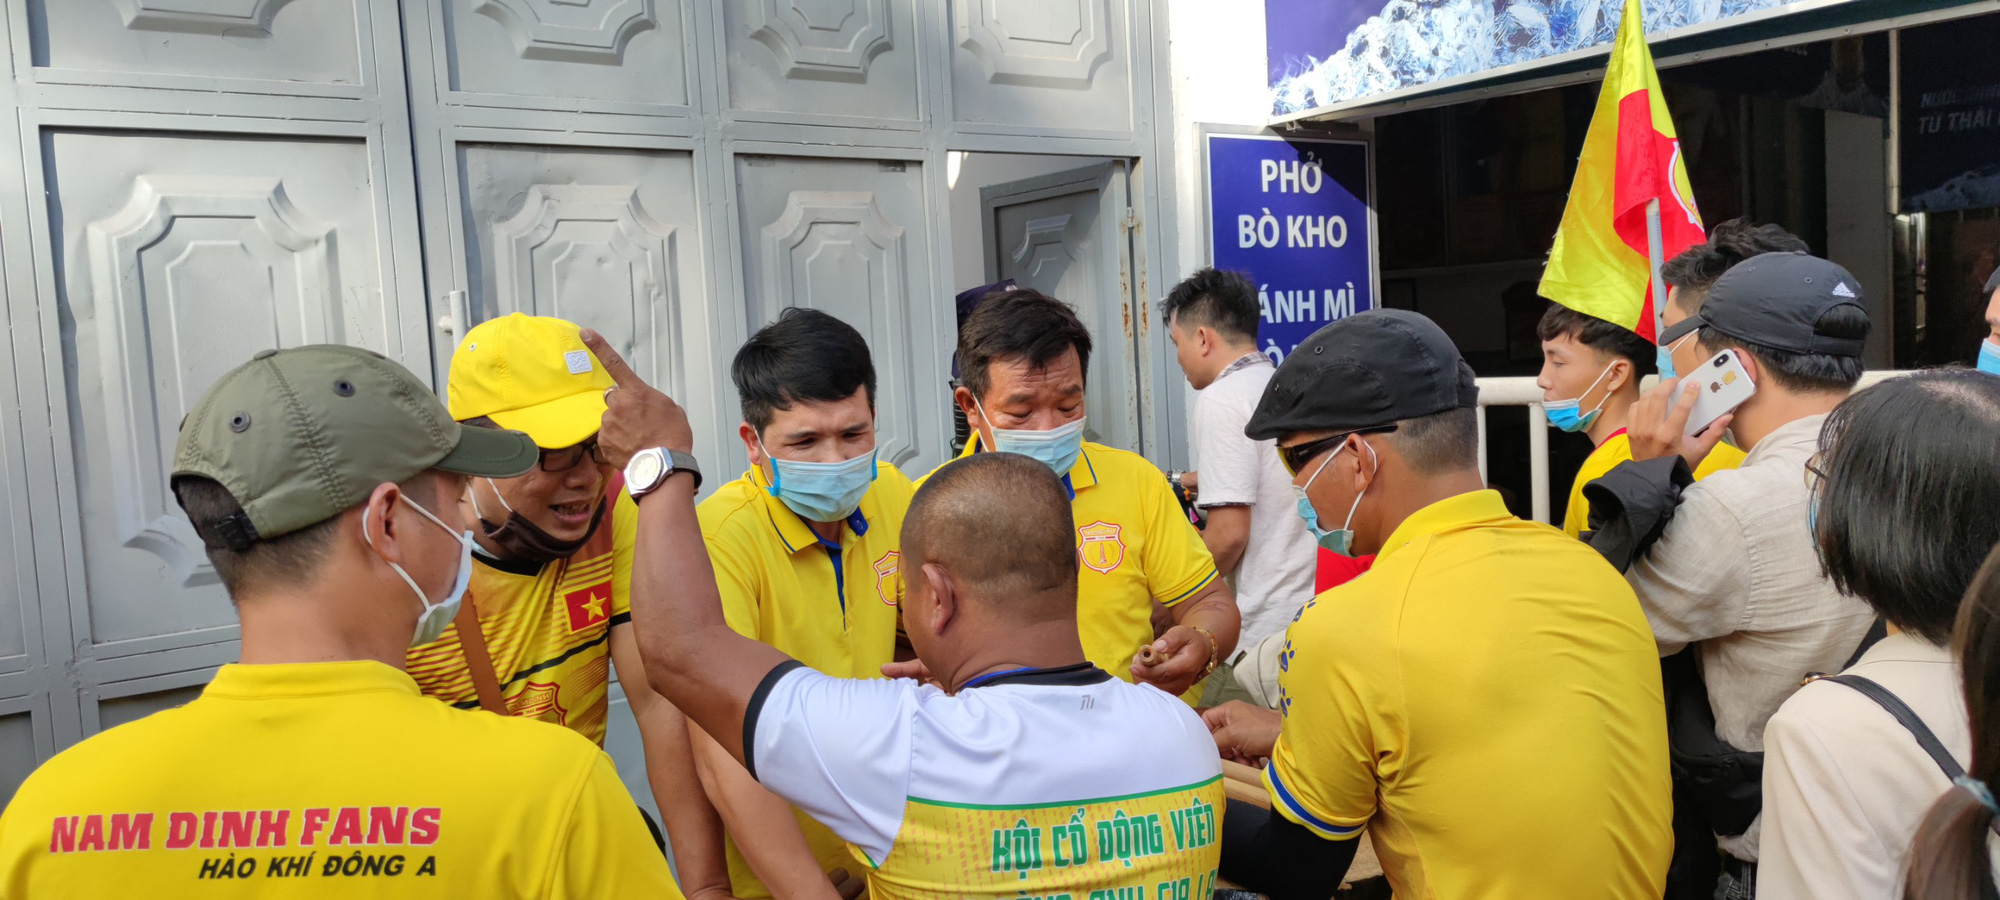 CĐV Nam Định đốt pháo sáng, không cần vé vẫn được vào sân HAGL - Ảnh 7.